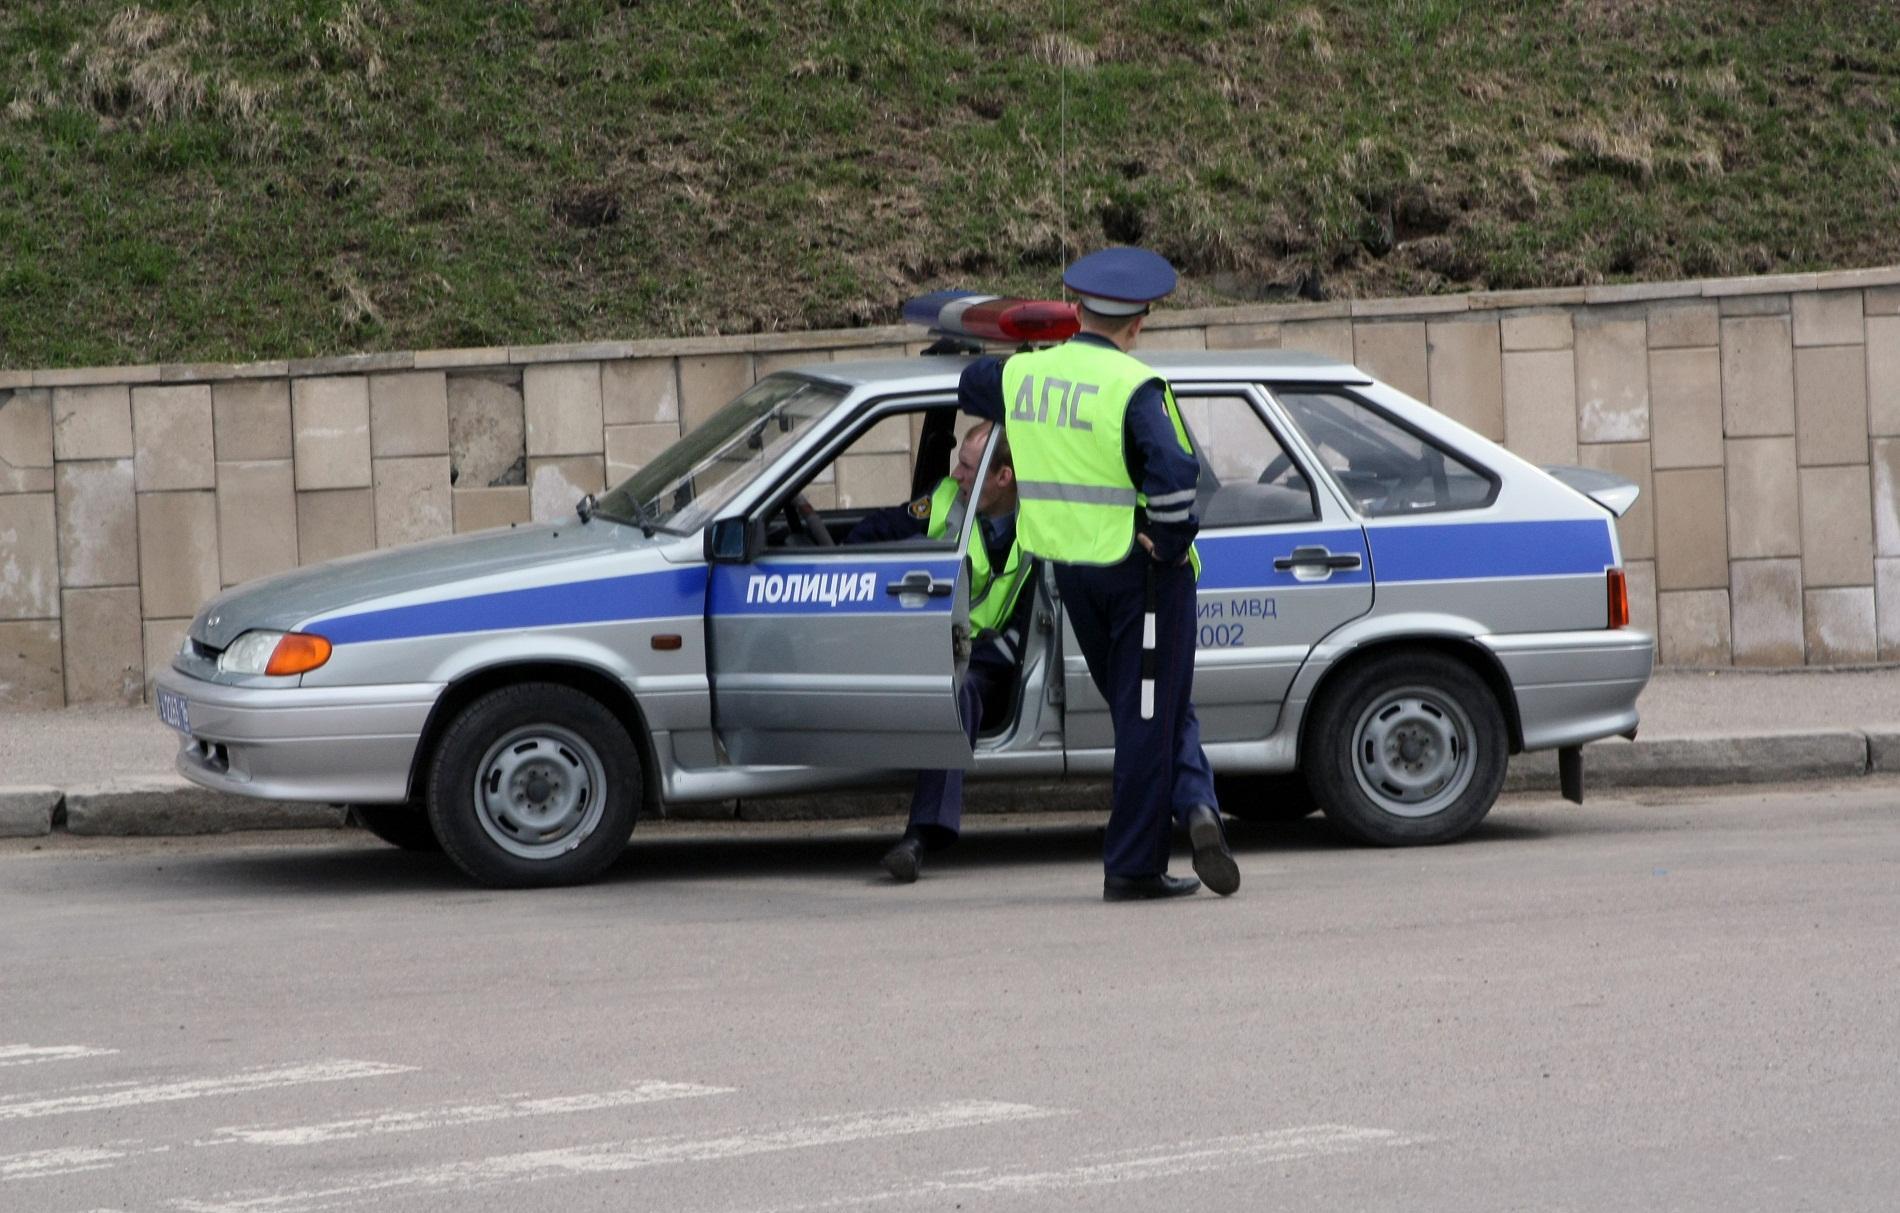 Из-за погрешности алкотестеров 12% водителей остались без прав